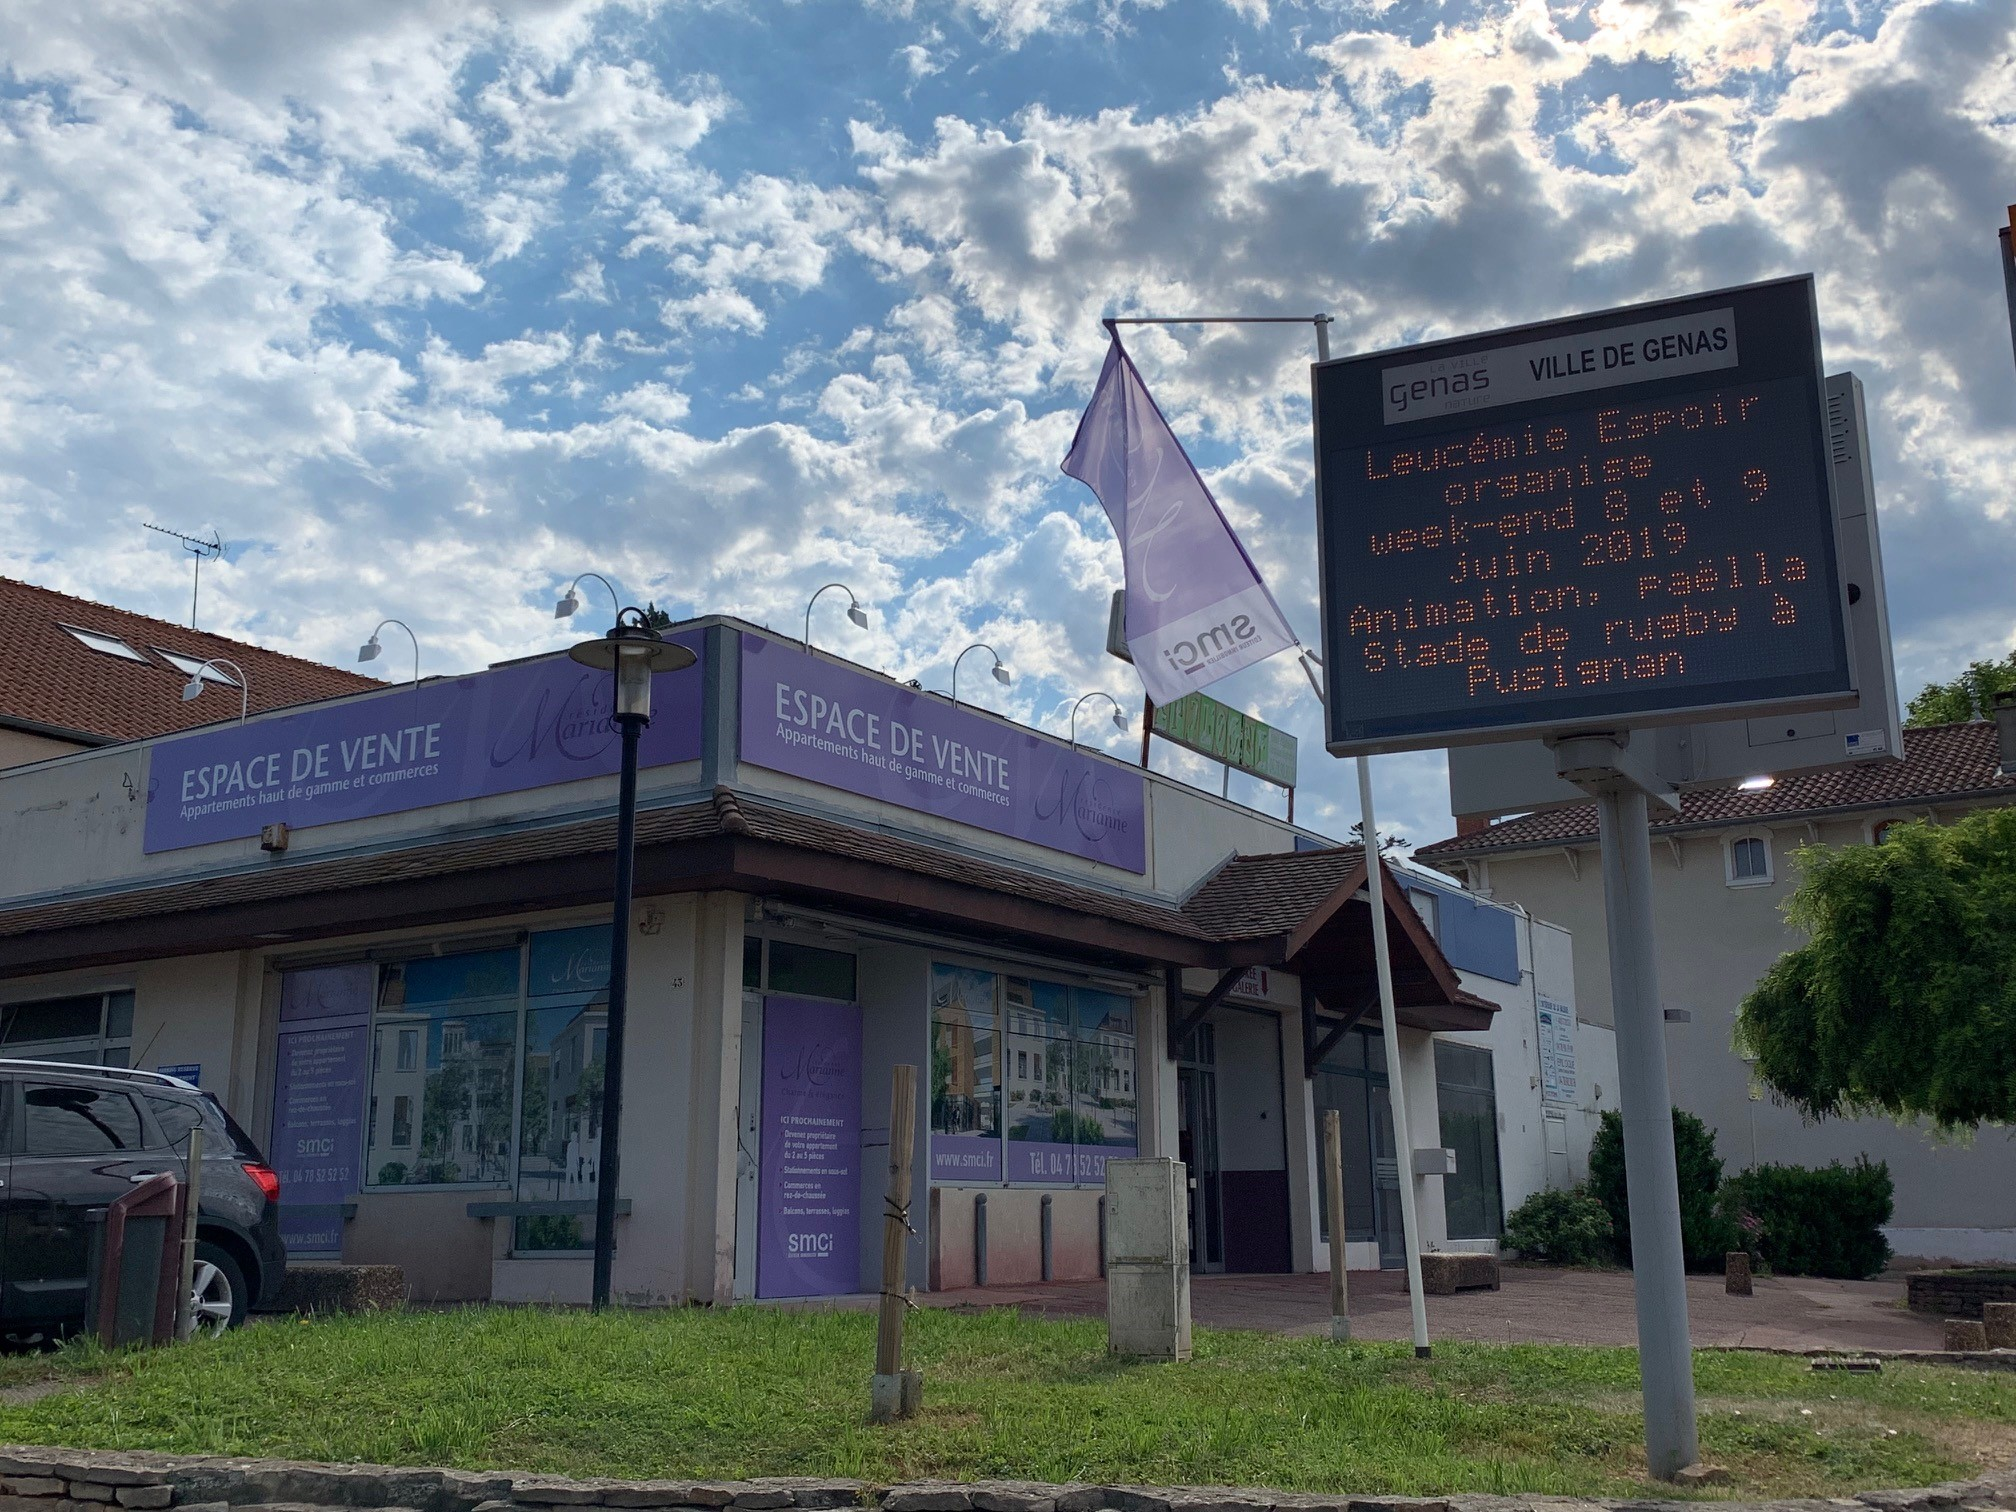 Espace de vente résidence Marianne à Genas